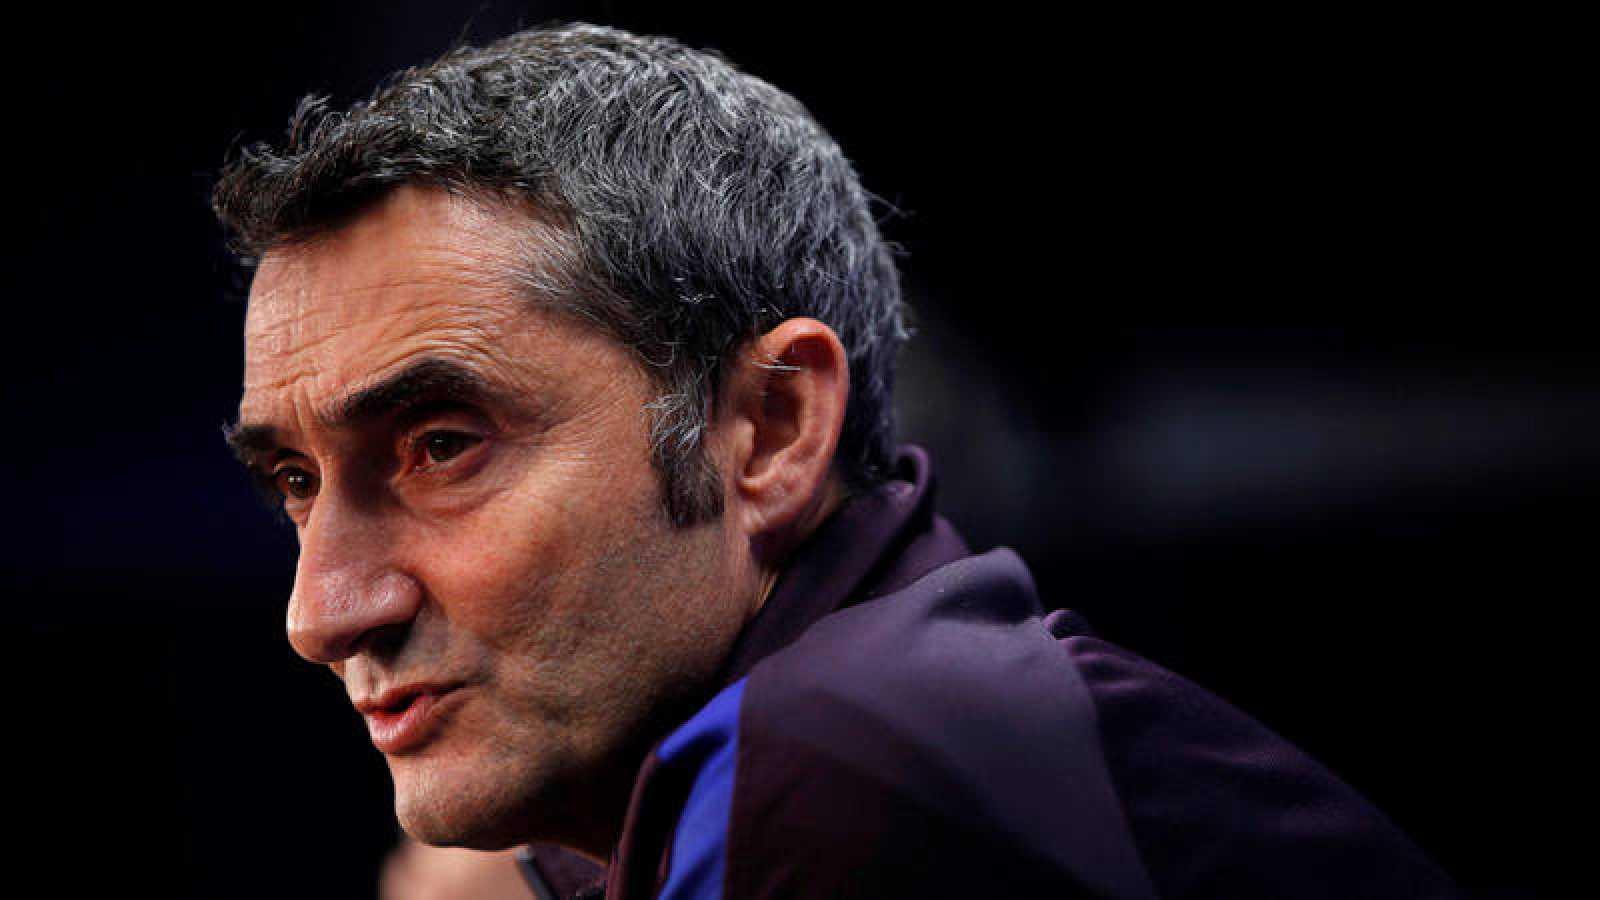 El entrenador del FC Barcelona, Ernesto Valverde, en una rueda de prensa en la víspera de su encuentro ante el Atlético de Madrid